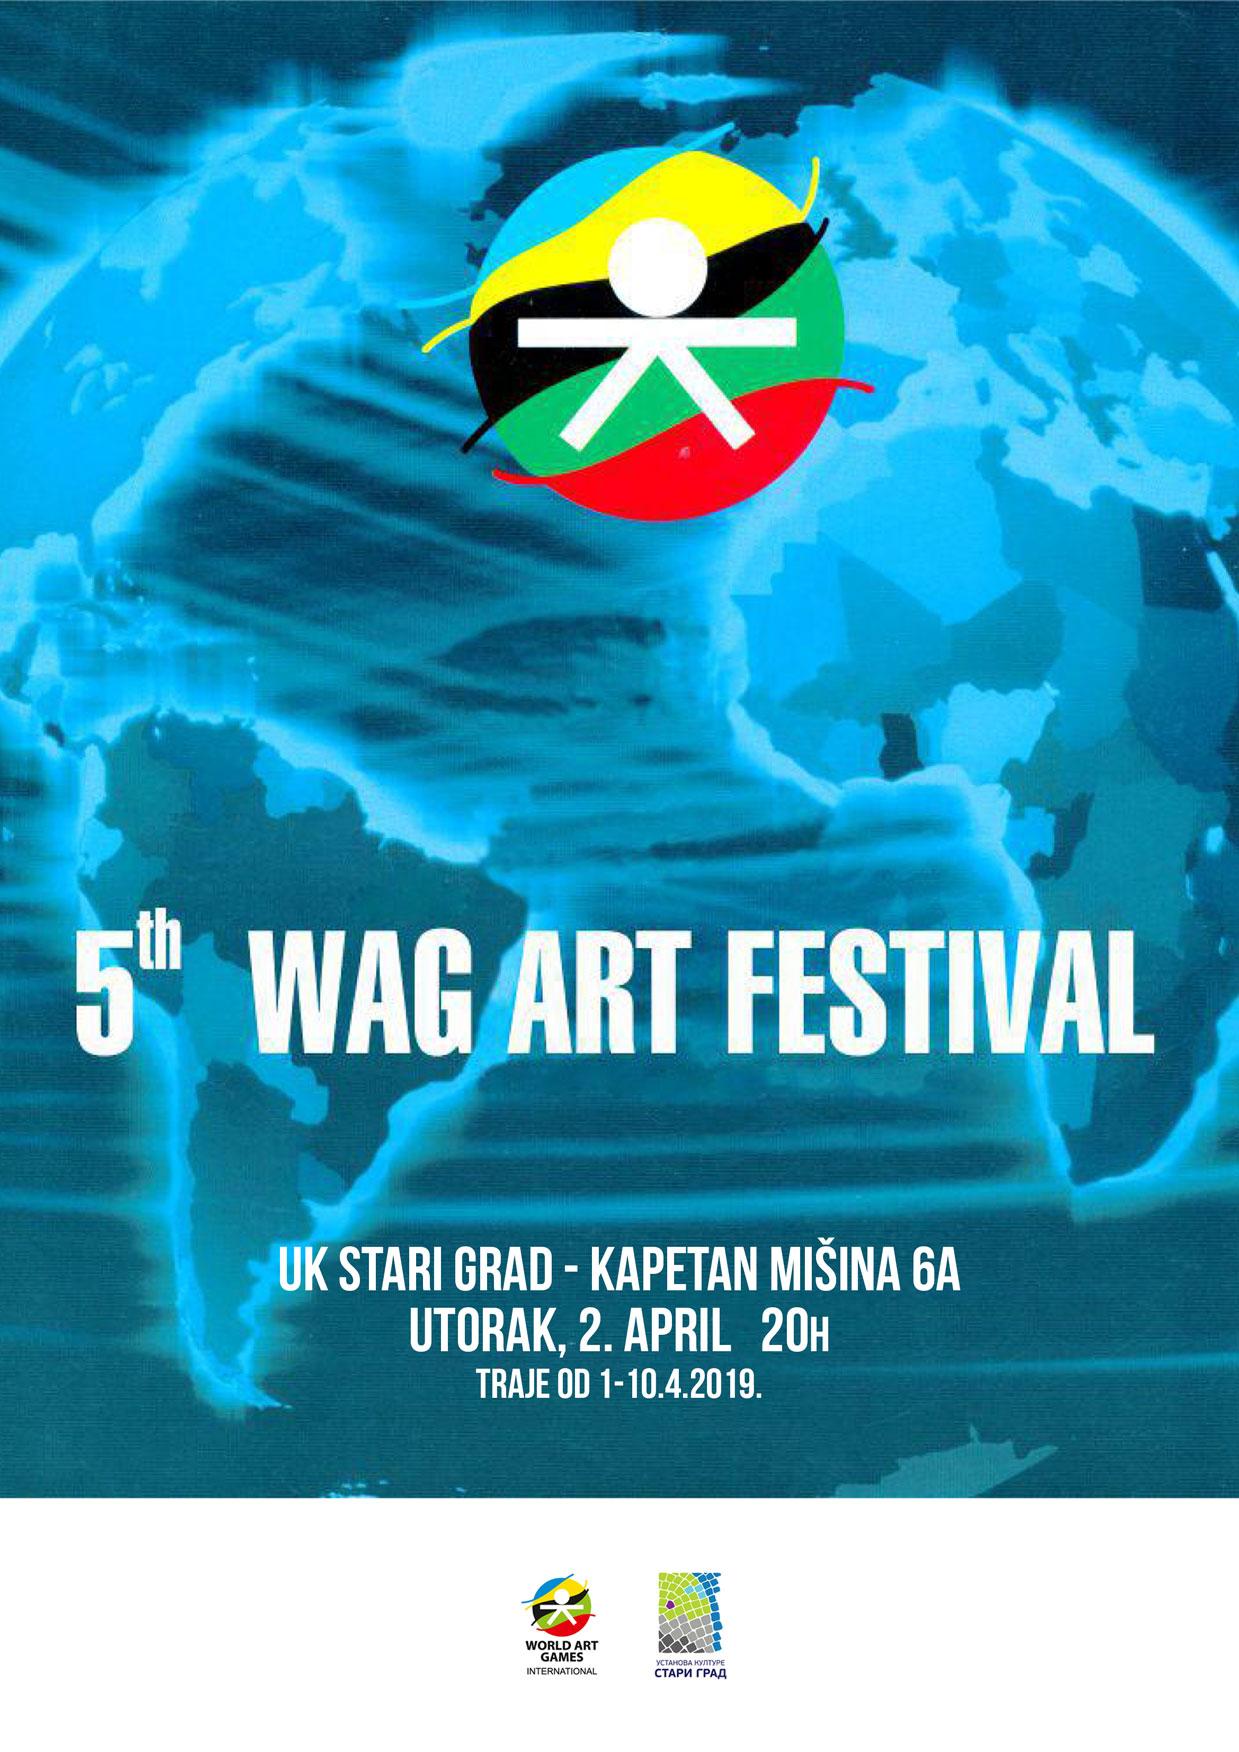 5th WAG ART FESTIVAL